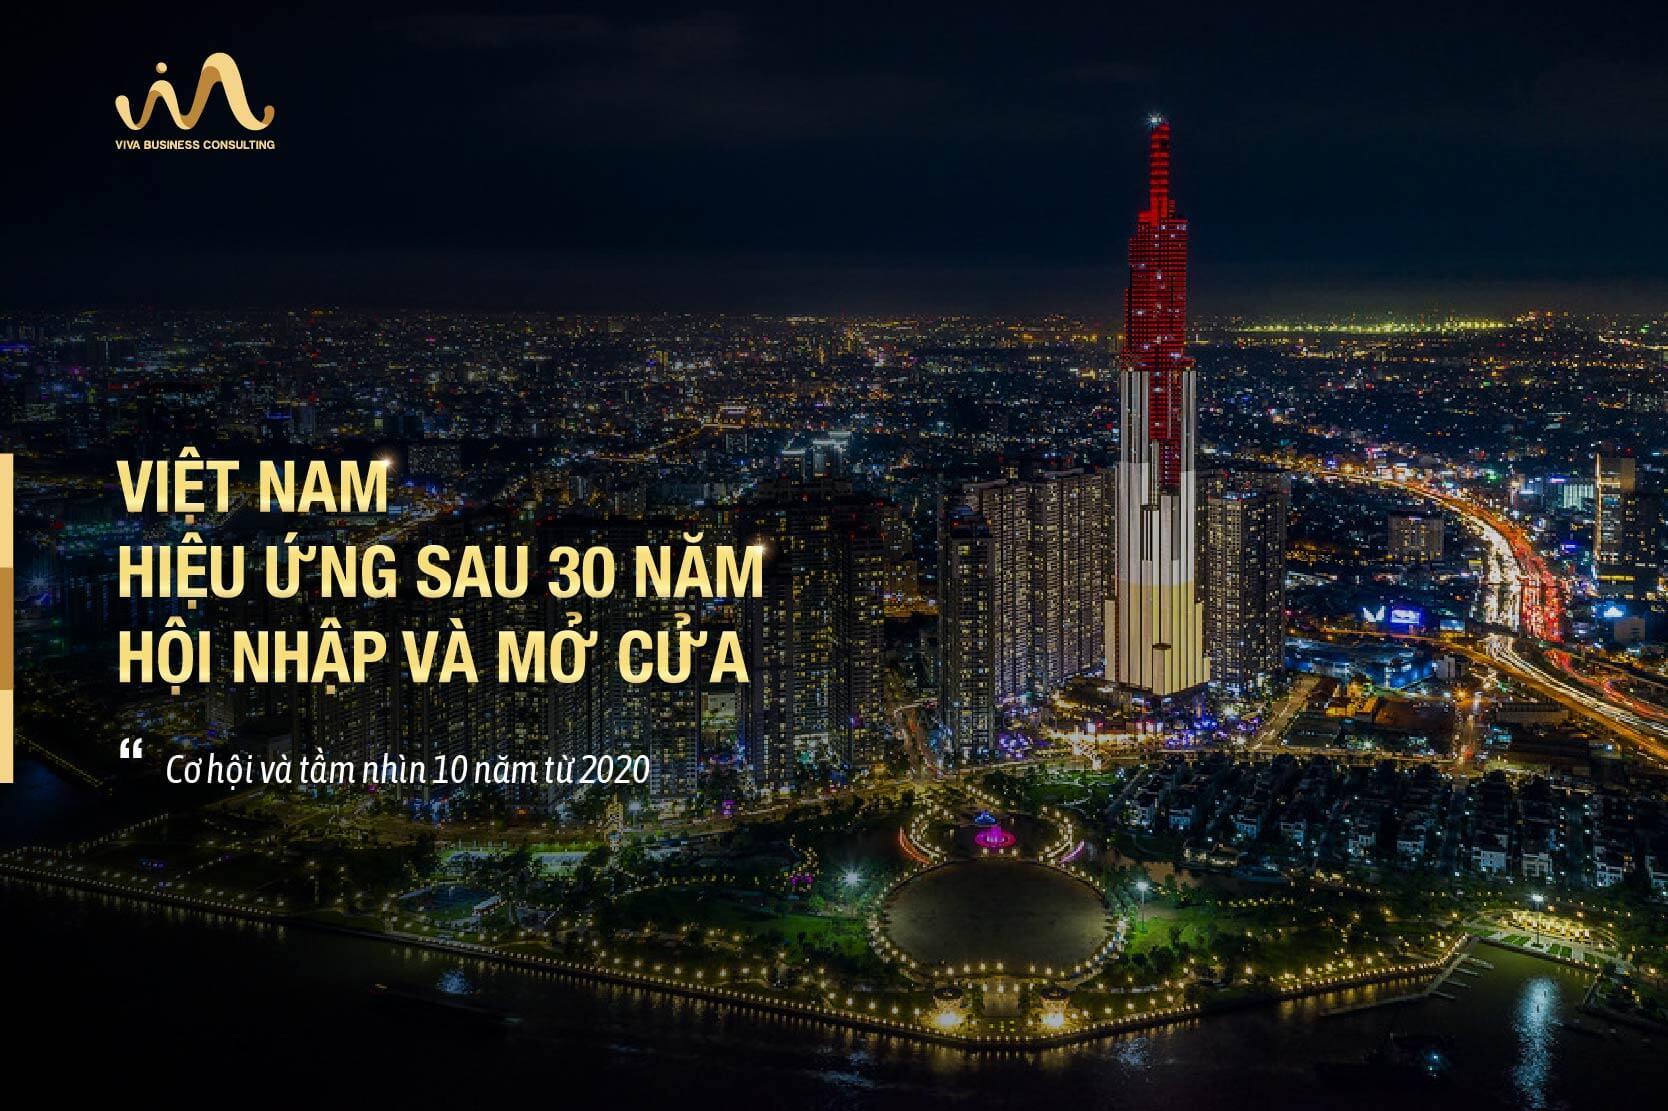 Thành Lập Mới Doanh Nghiệp Tại Việt Nam